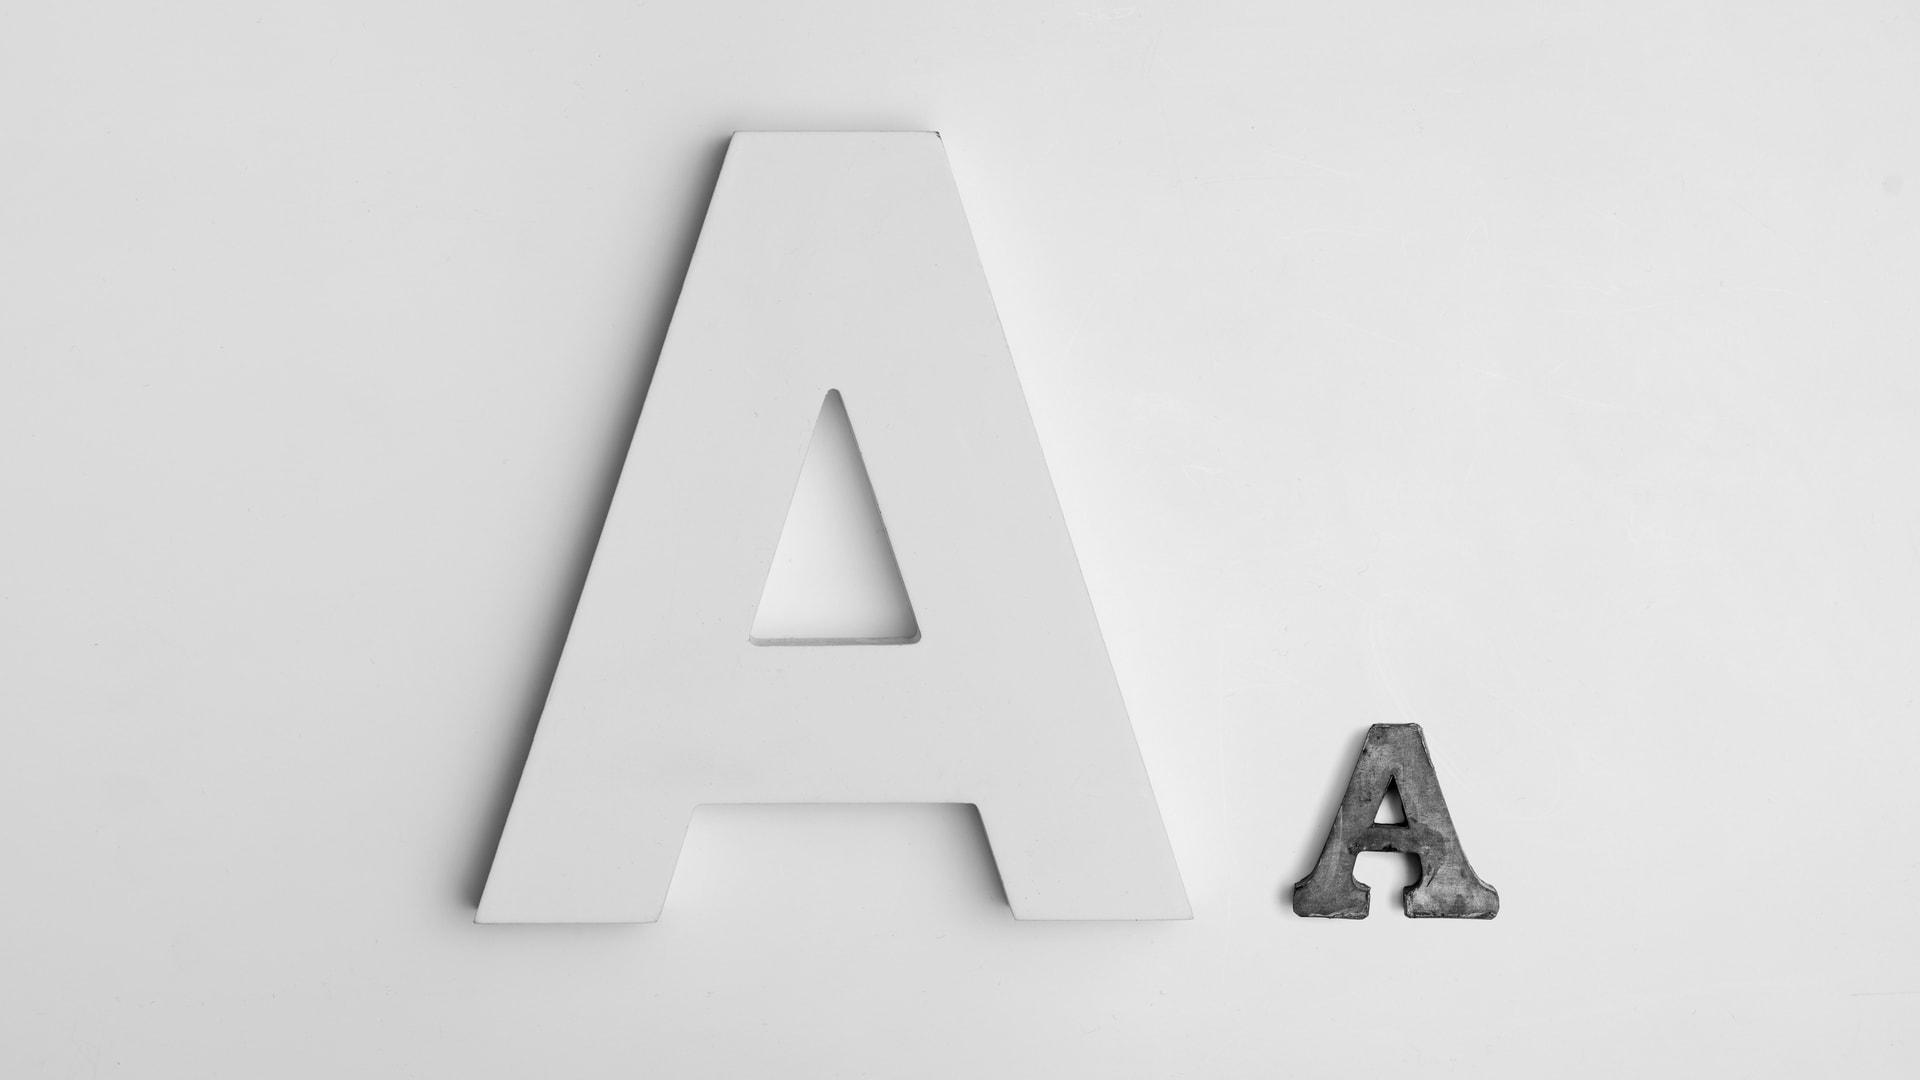 termo design grafico